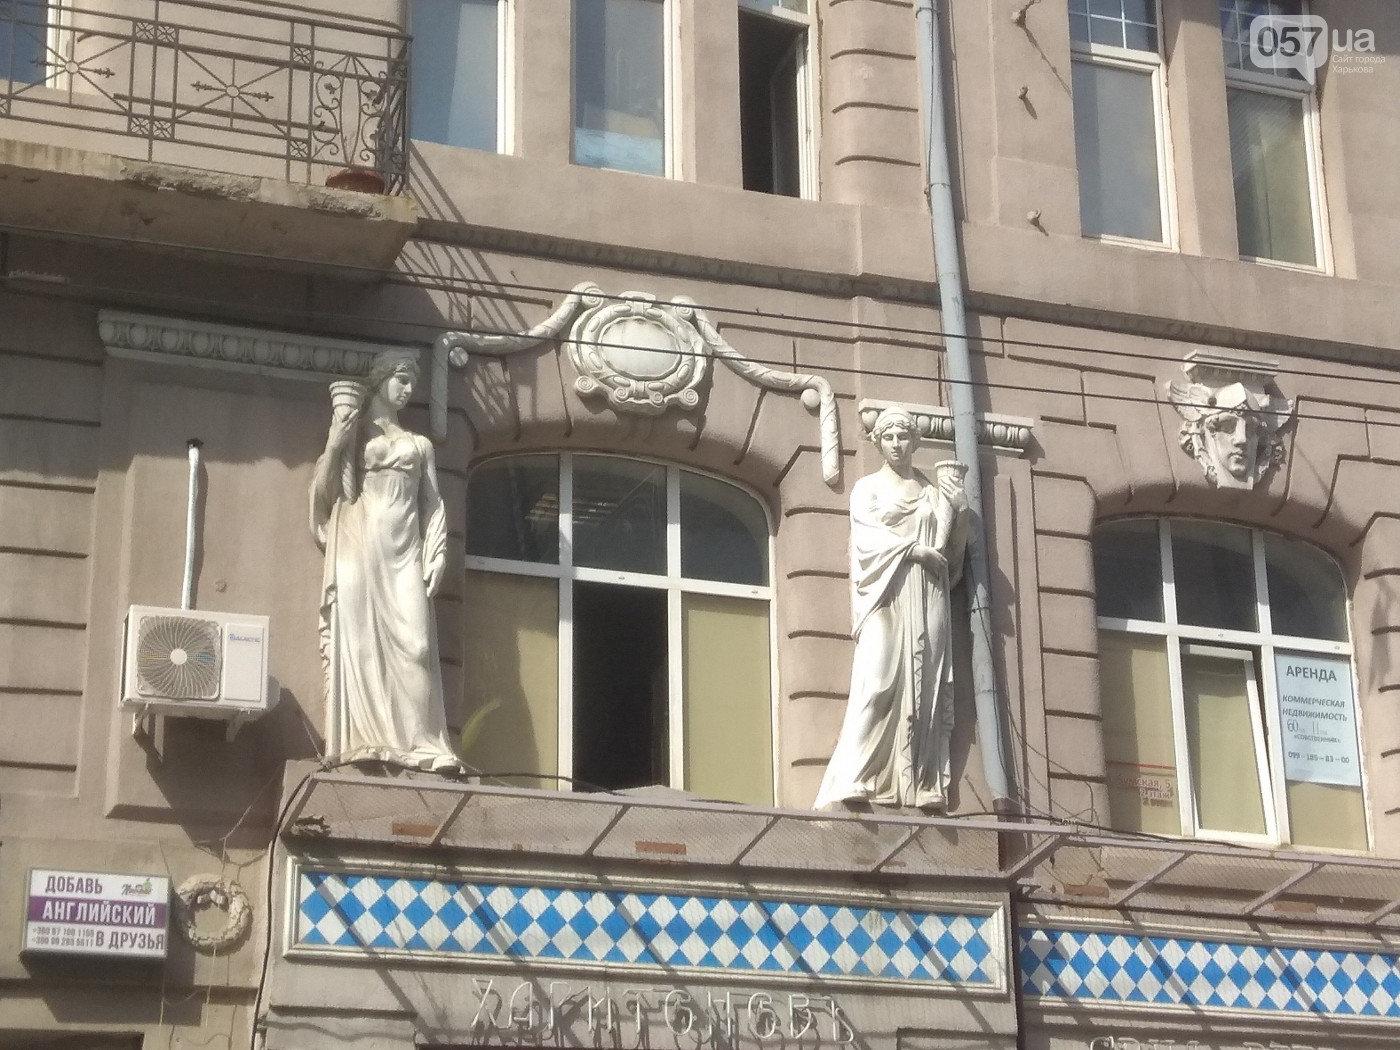 Истории старинных зданий: ТОП-10 красивых доходных домов Харькова, - ФОТО, фото-22